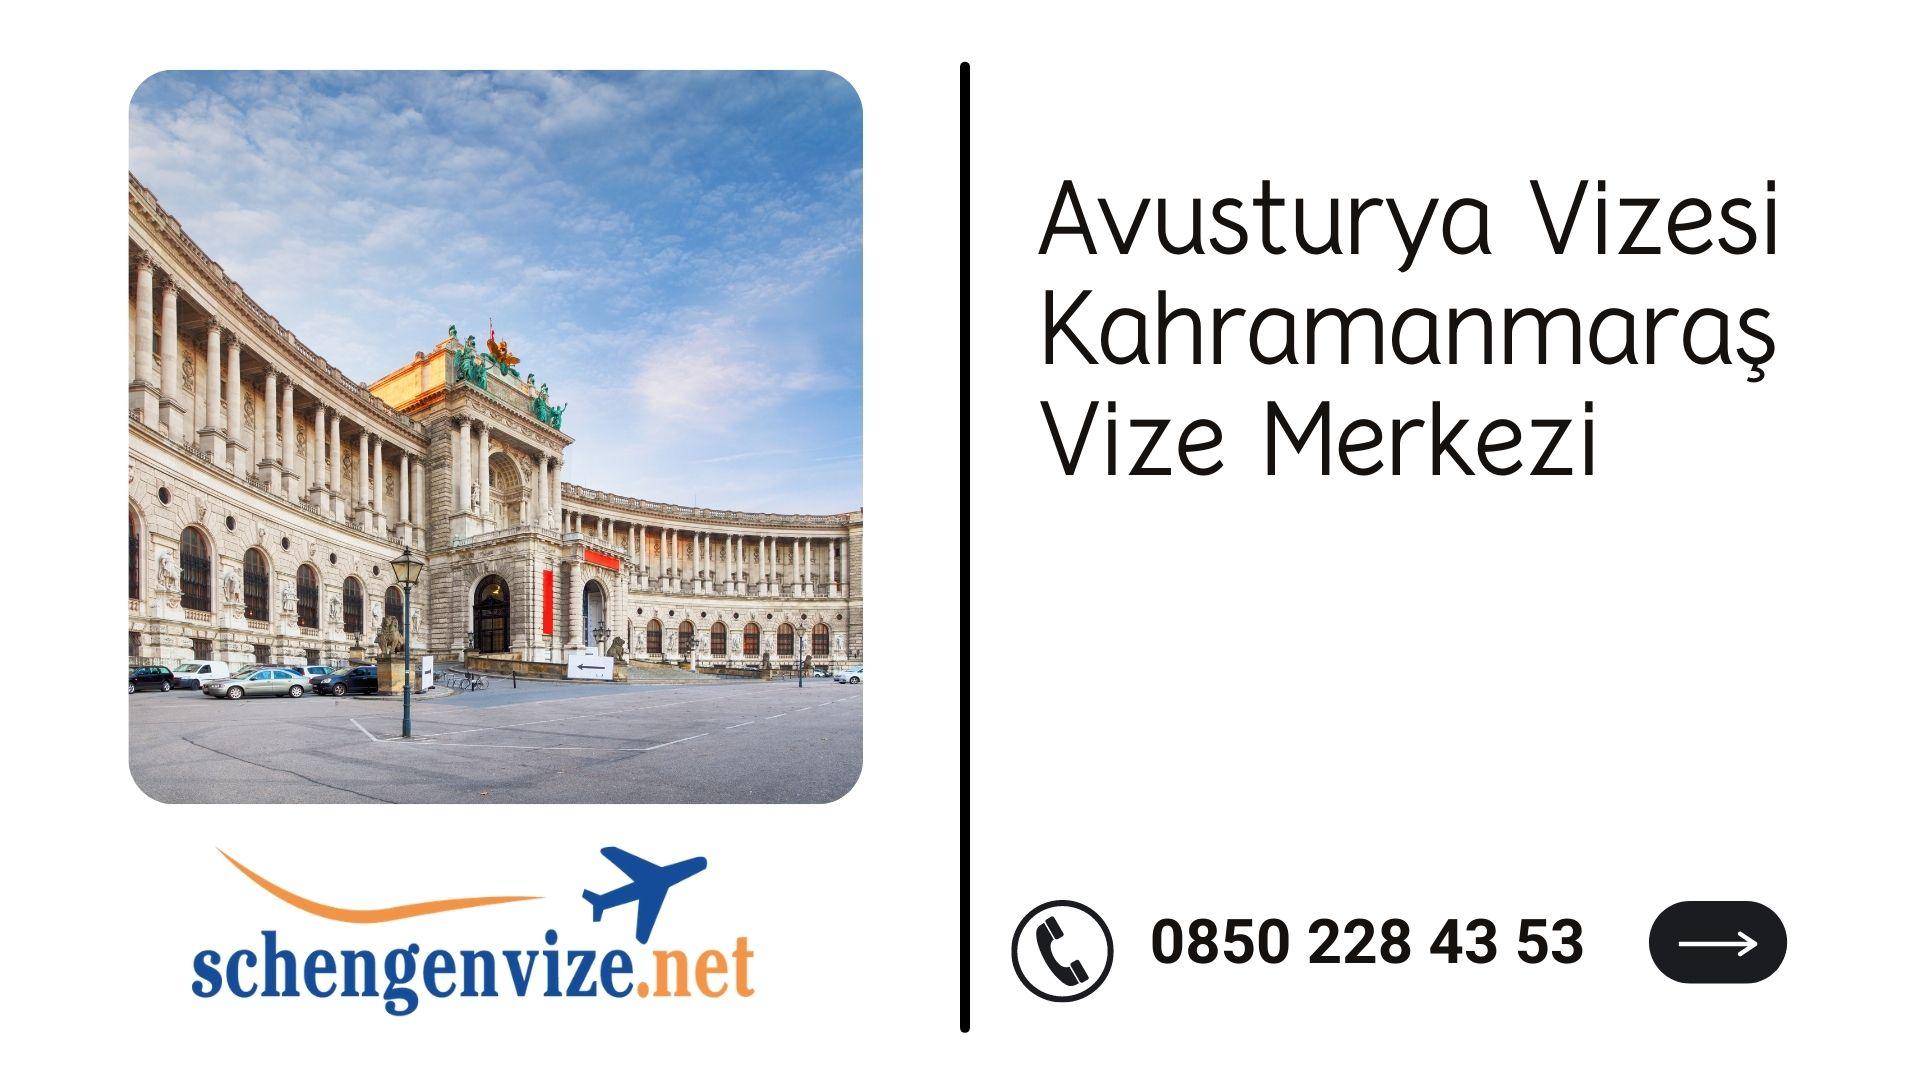 Avusturya Vizesi Kahramanmaraş Vize Merkezi